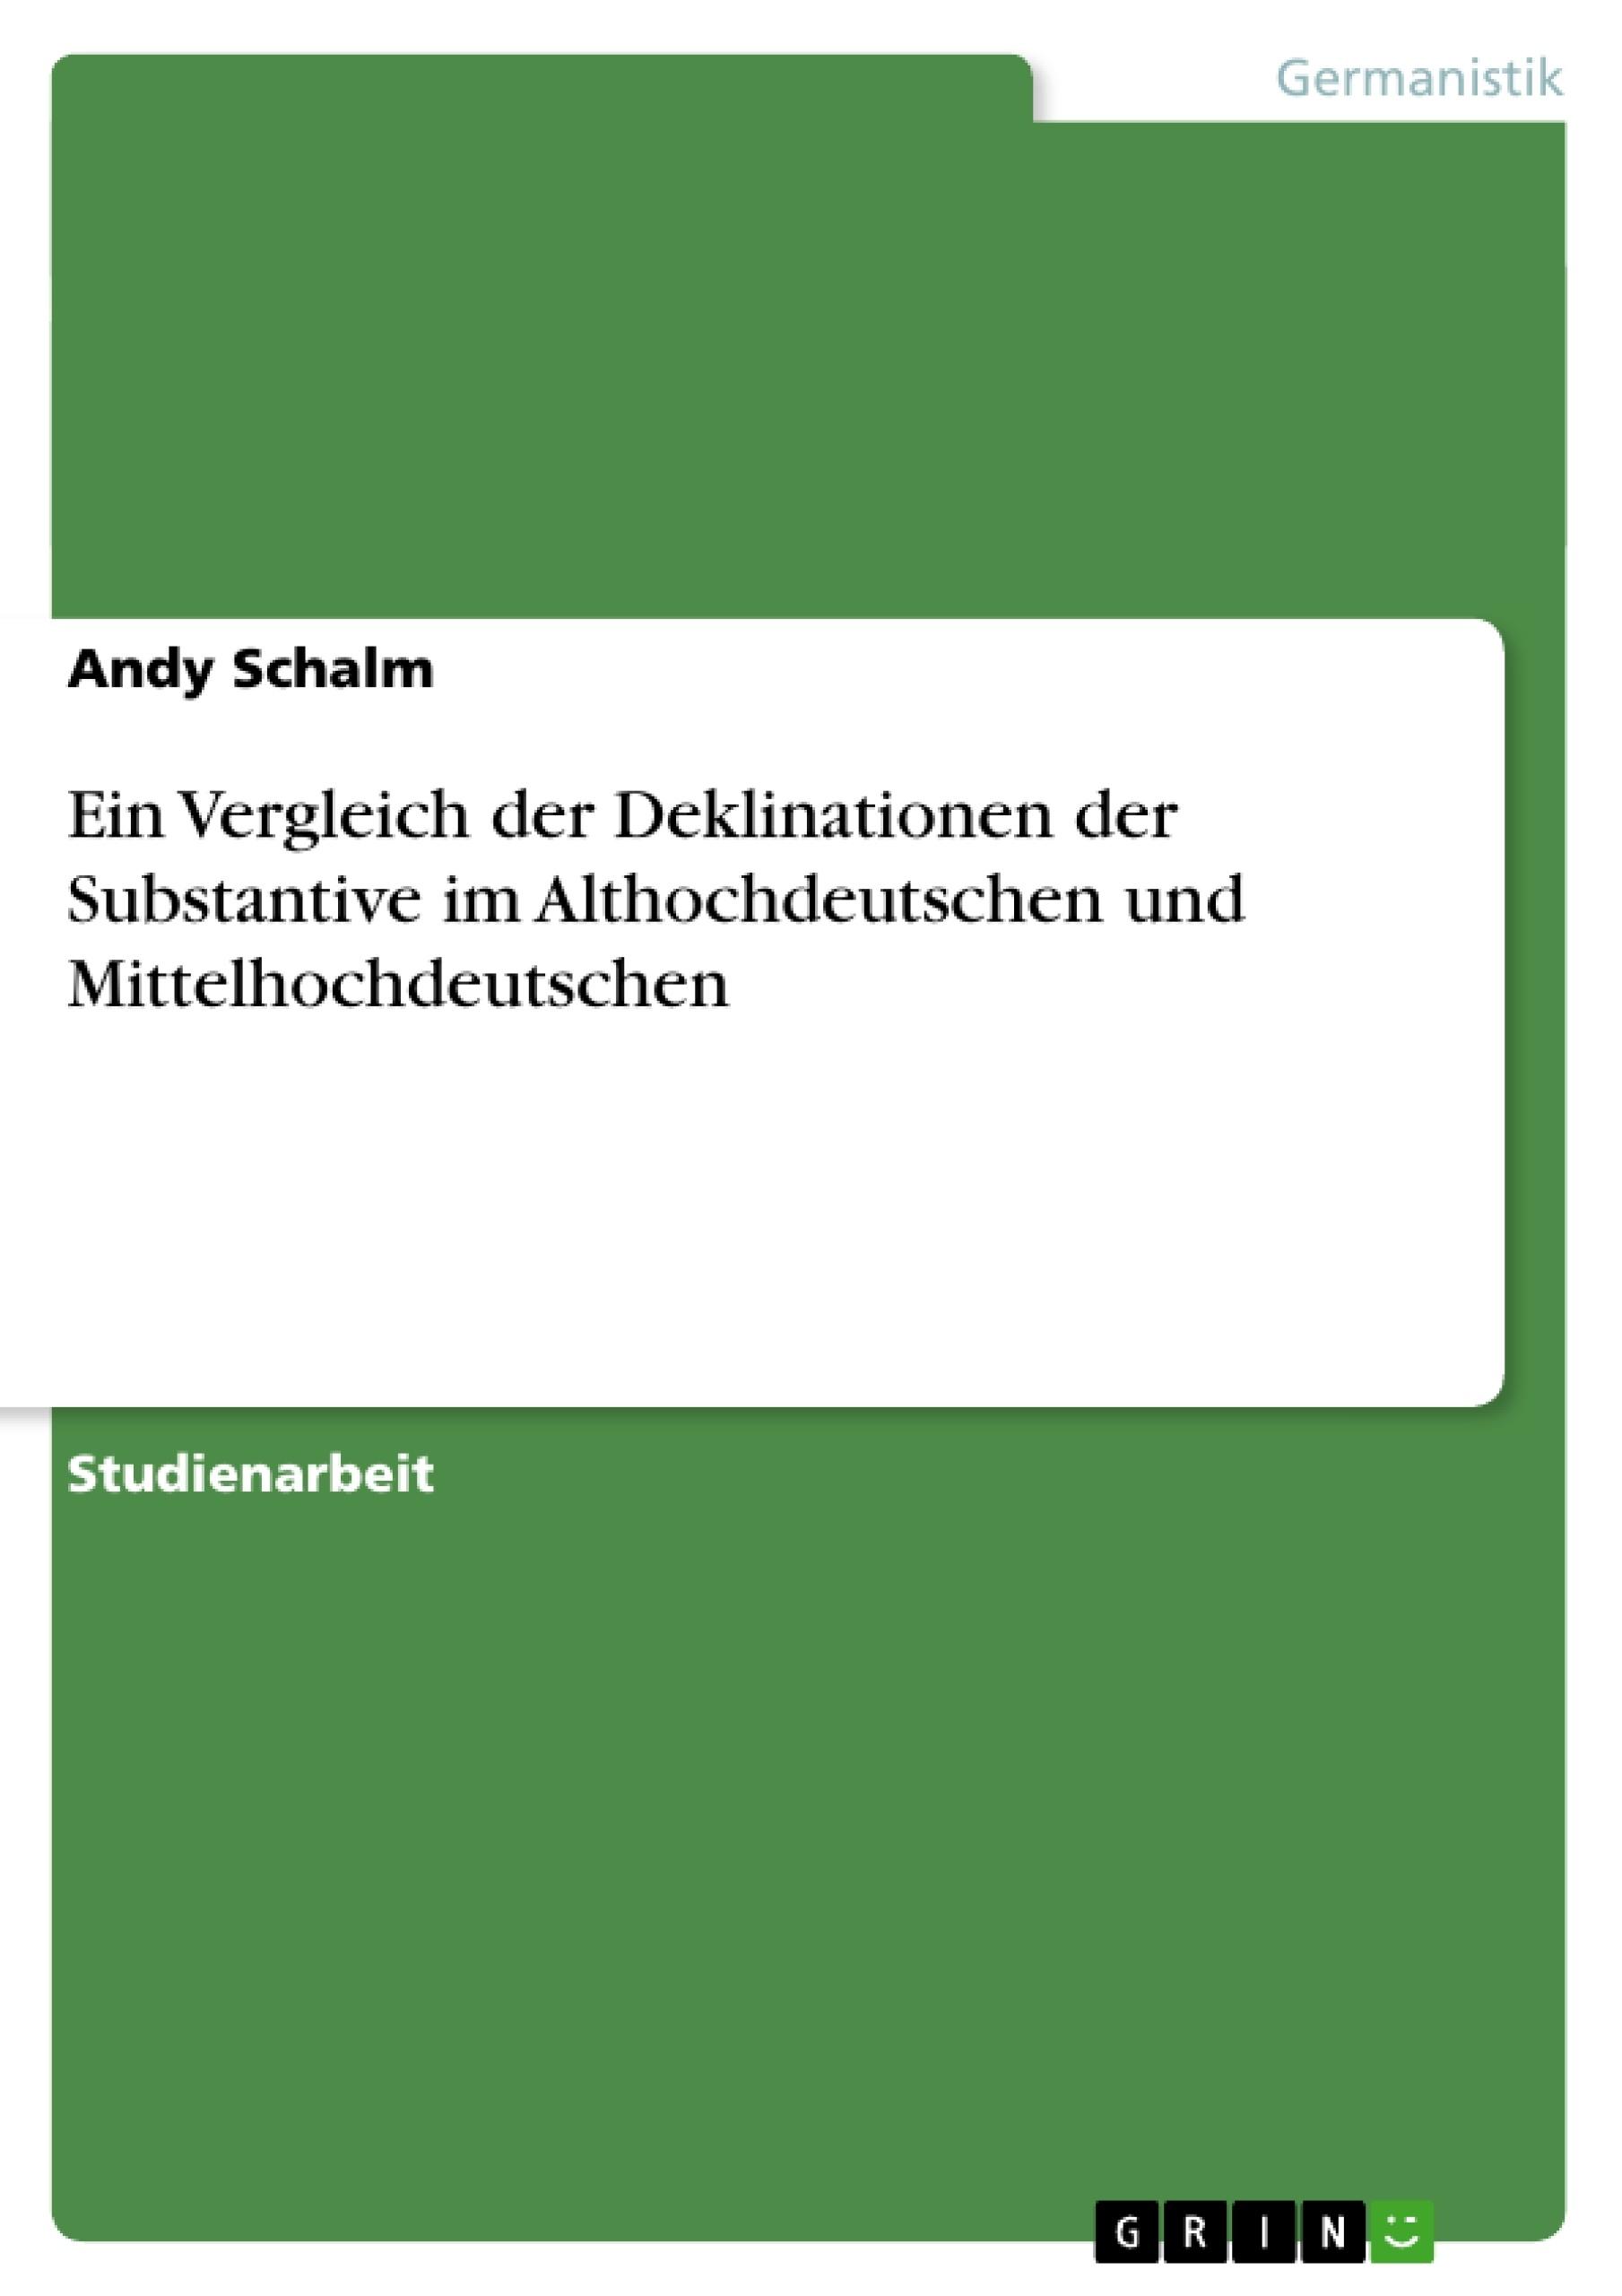 Titel: Ein Vergleich der Deklinationen der Substantive im Althochdeutschen und Mittelhochdeutschen